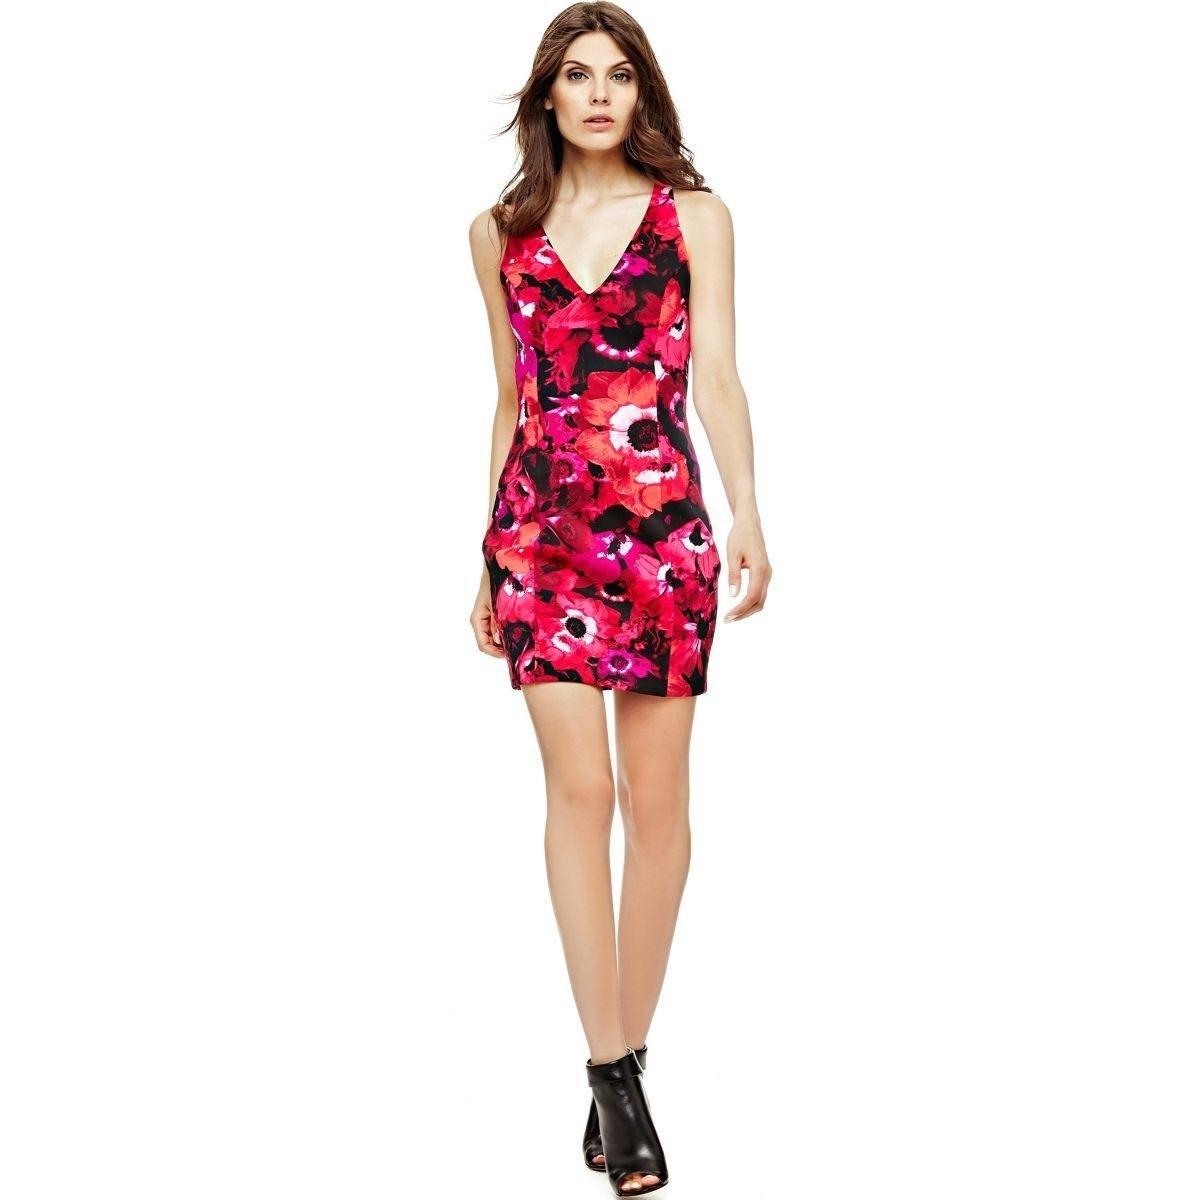 17 Ausgezeichnet Sommerkleider Online Kaufen Vertrieb13 Luxurius Sommerkleider Online Kaufen Design